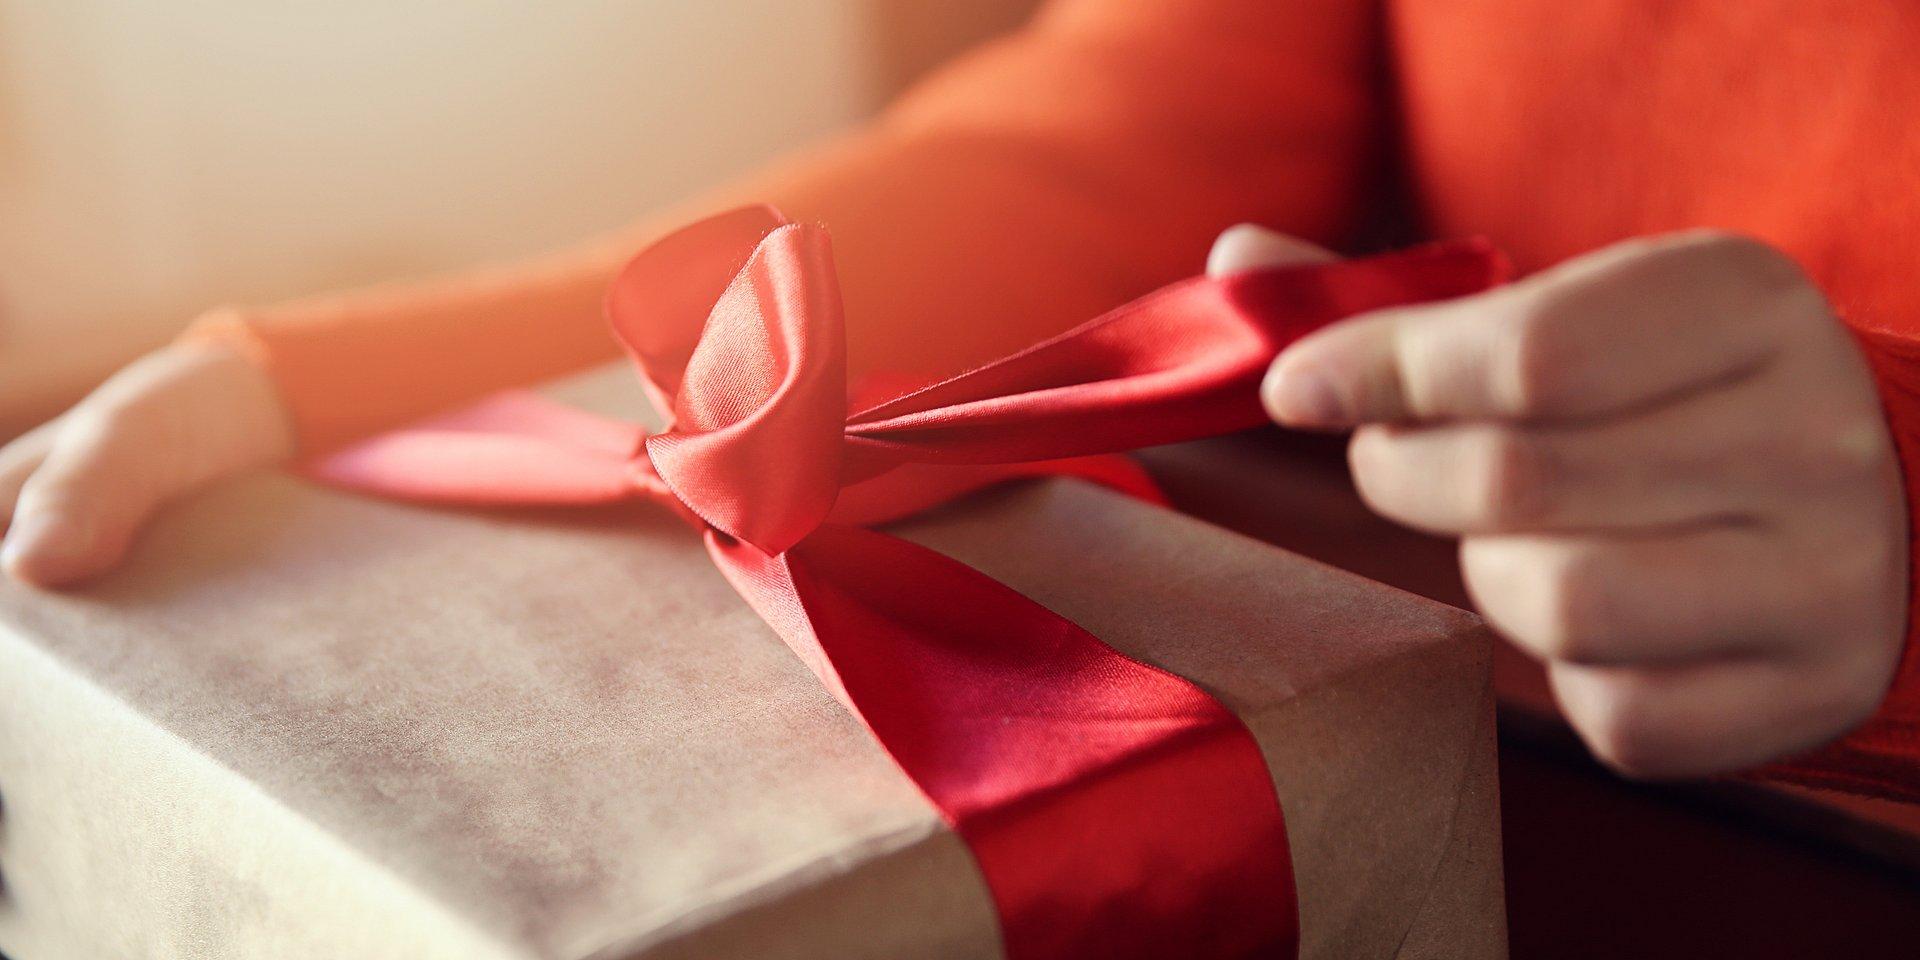 Pomysły na prezent: wspomnienia to najlepsze, co możesz dać swoim bliskim